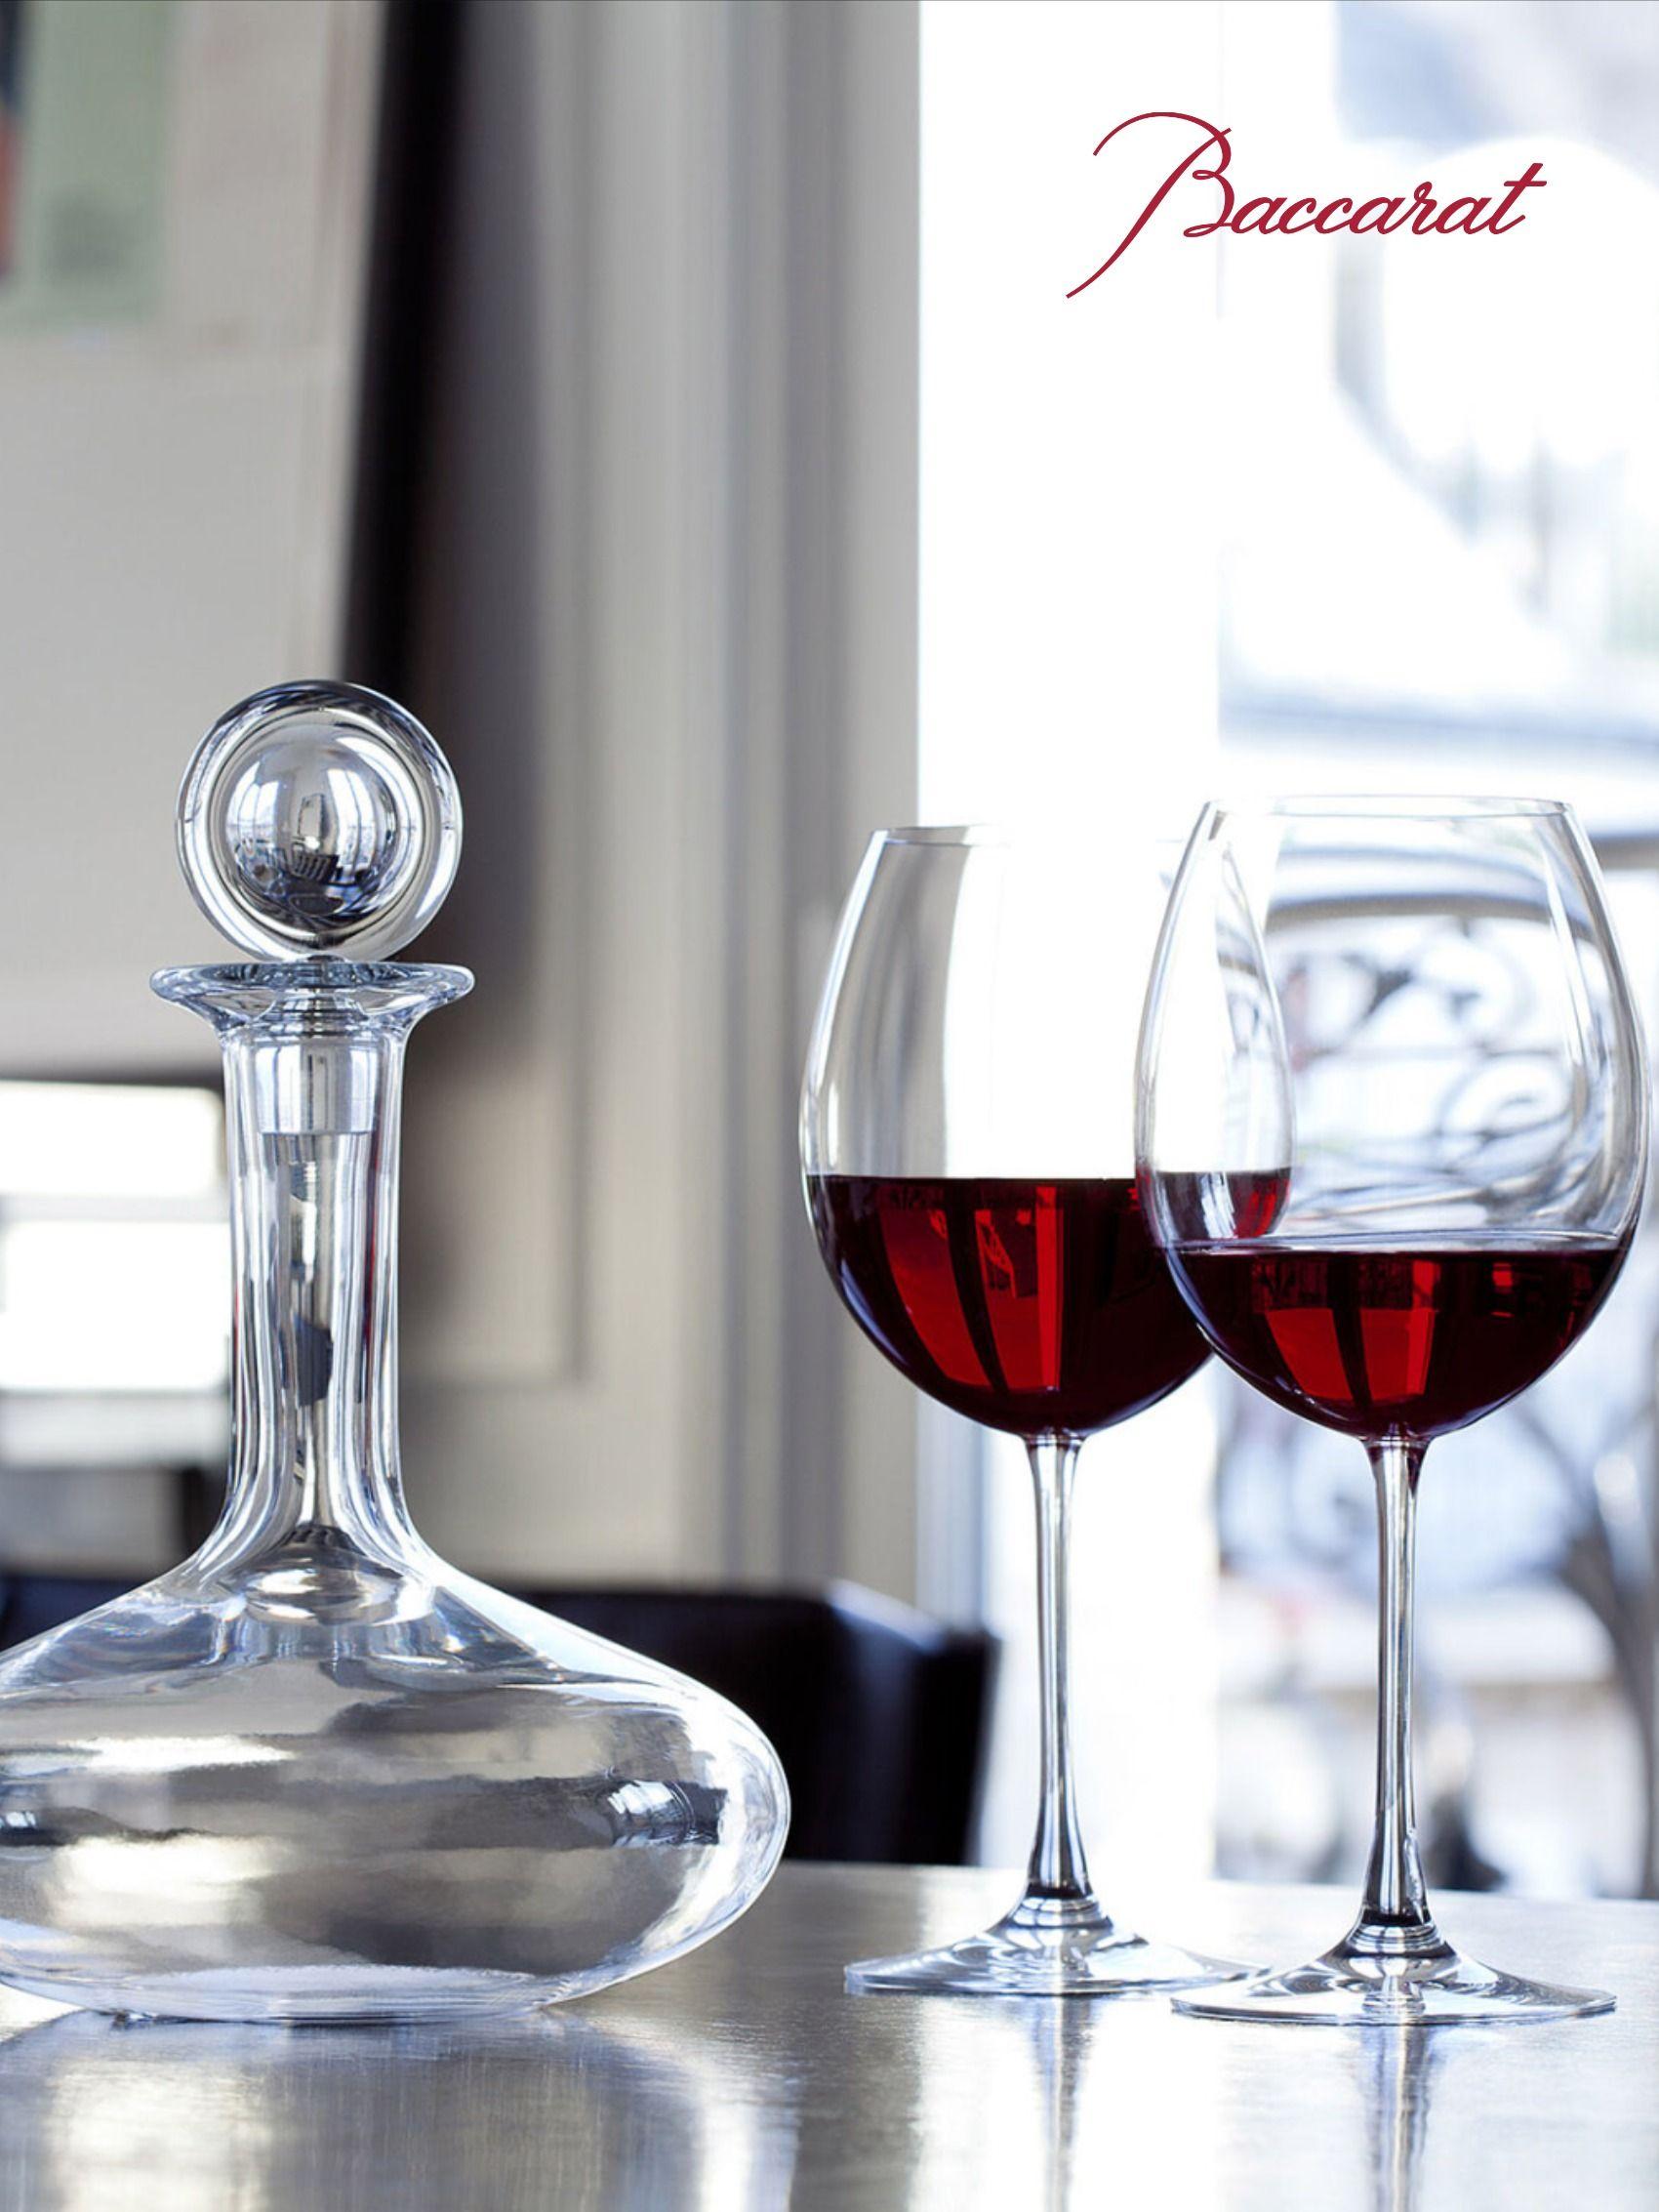 Degustation Grand Bordeaux Glass In 2020 Unique Wine Glass Wine Glass Designs Wine Glass